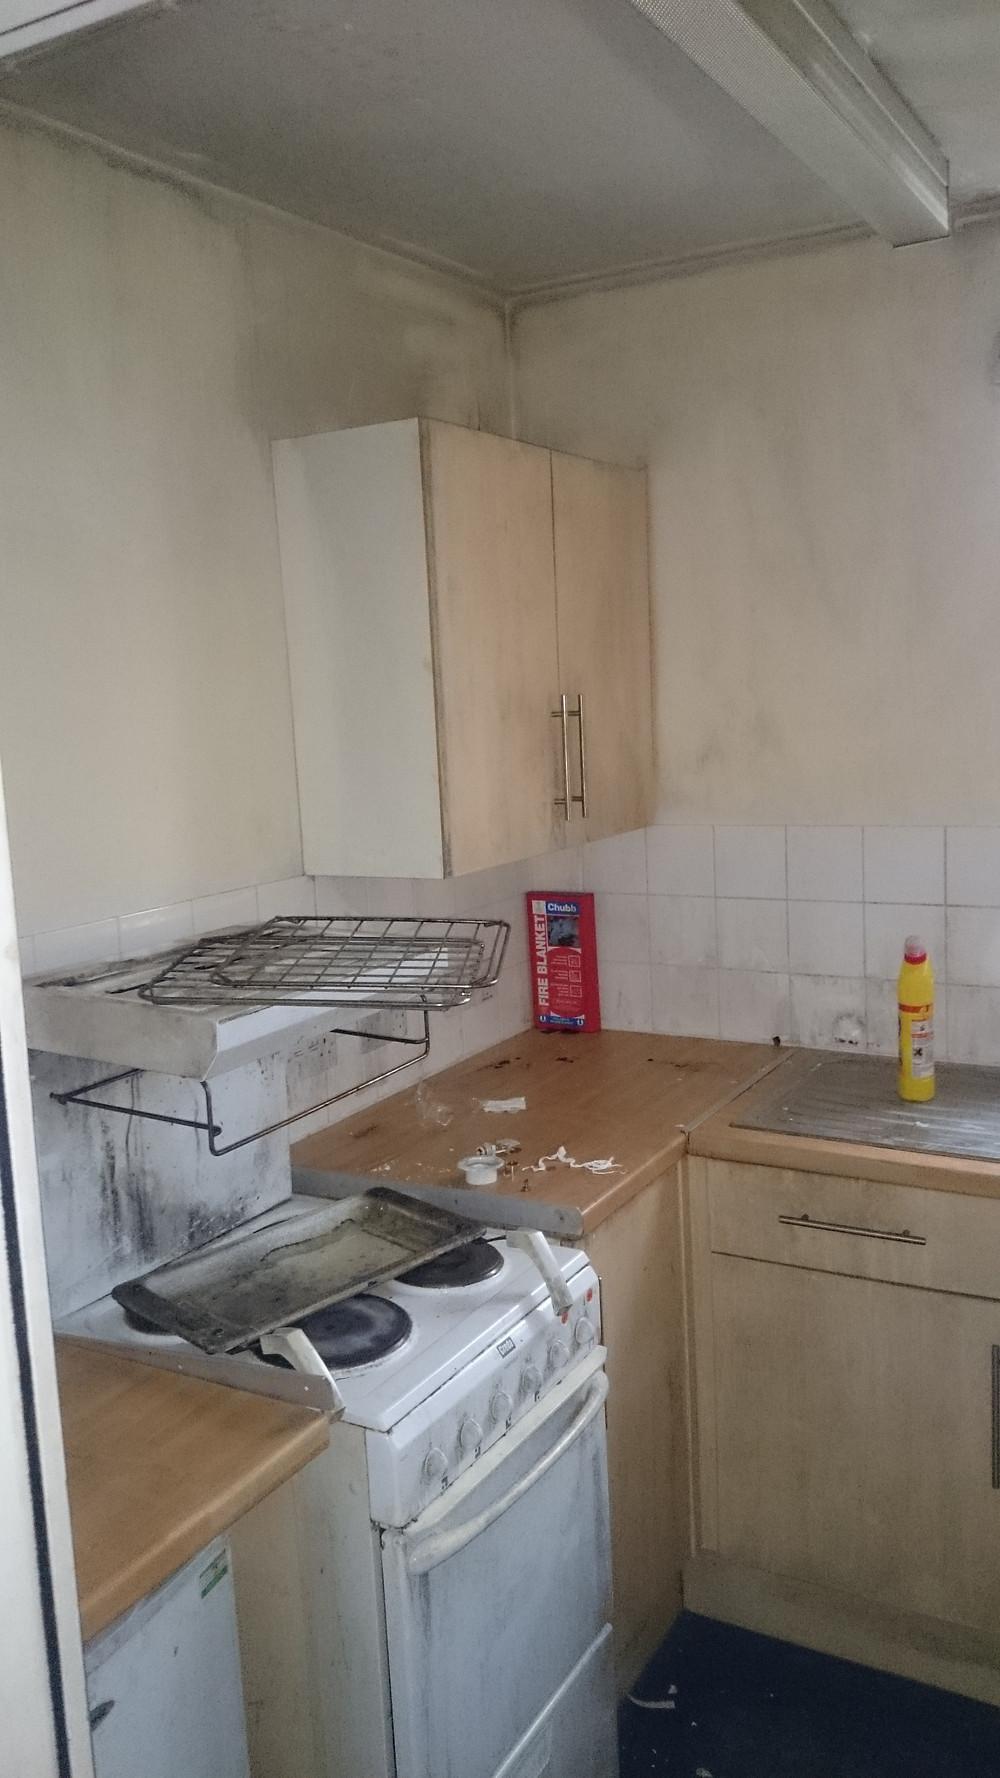 Lewisham flat save Nov 2014.JPG